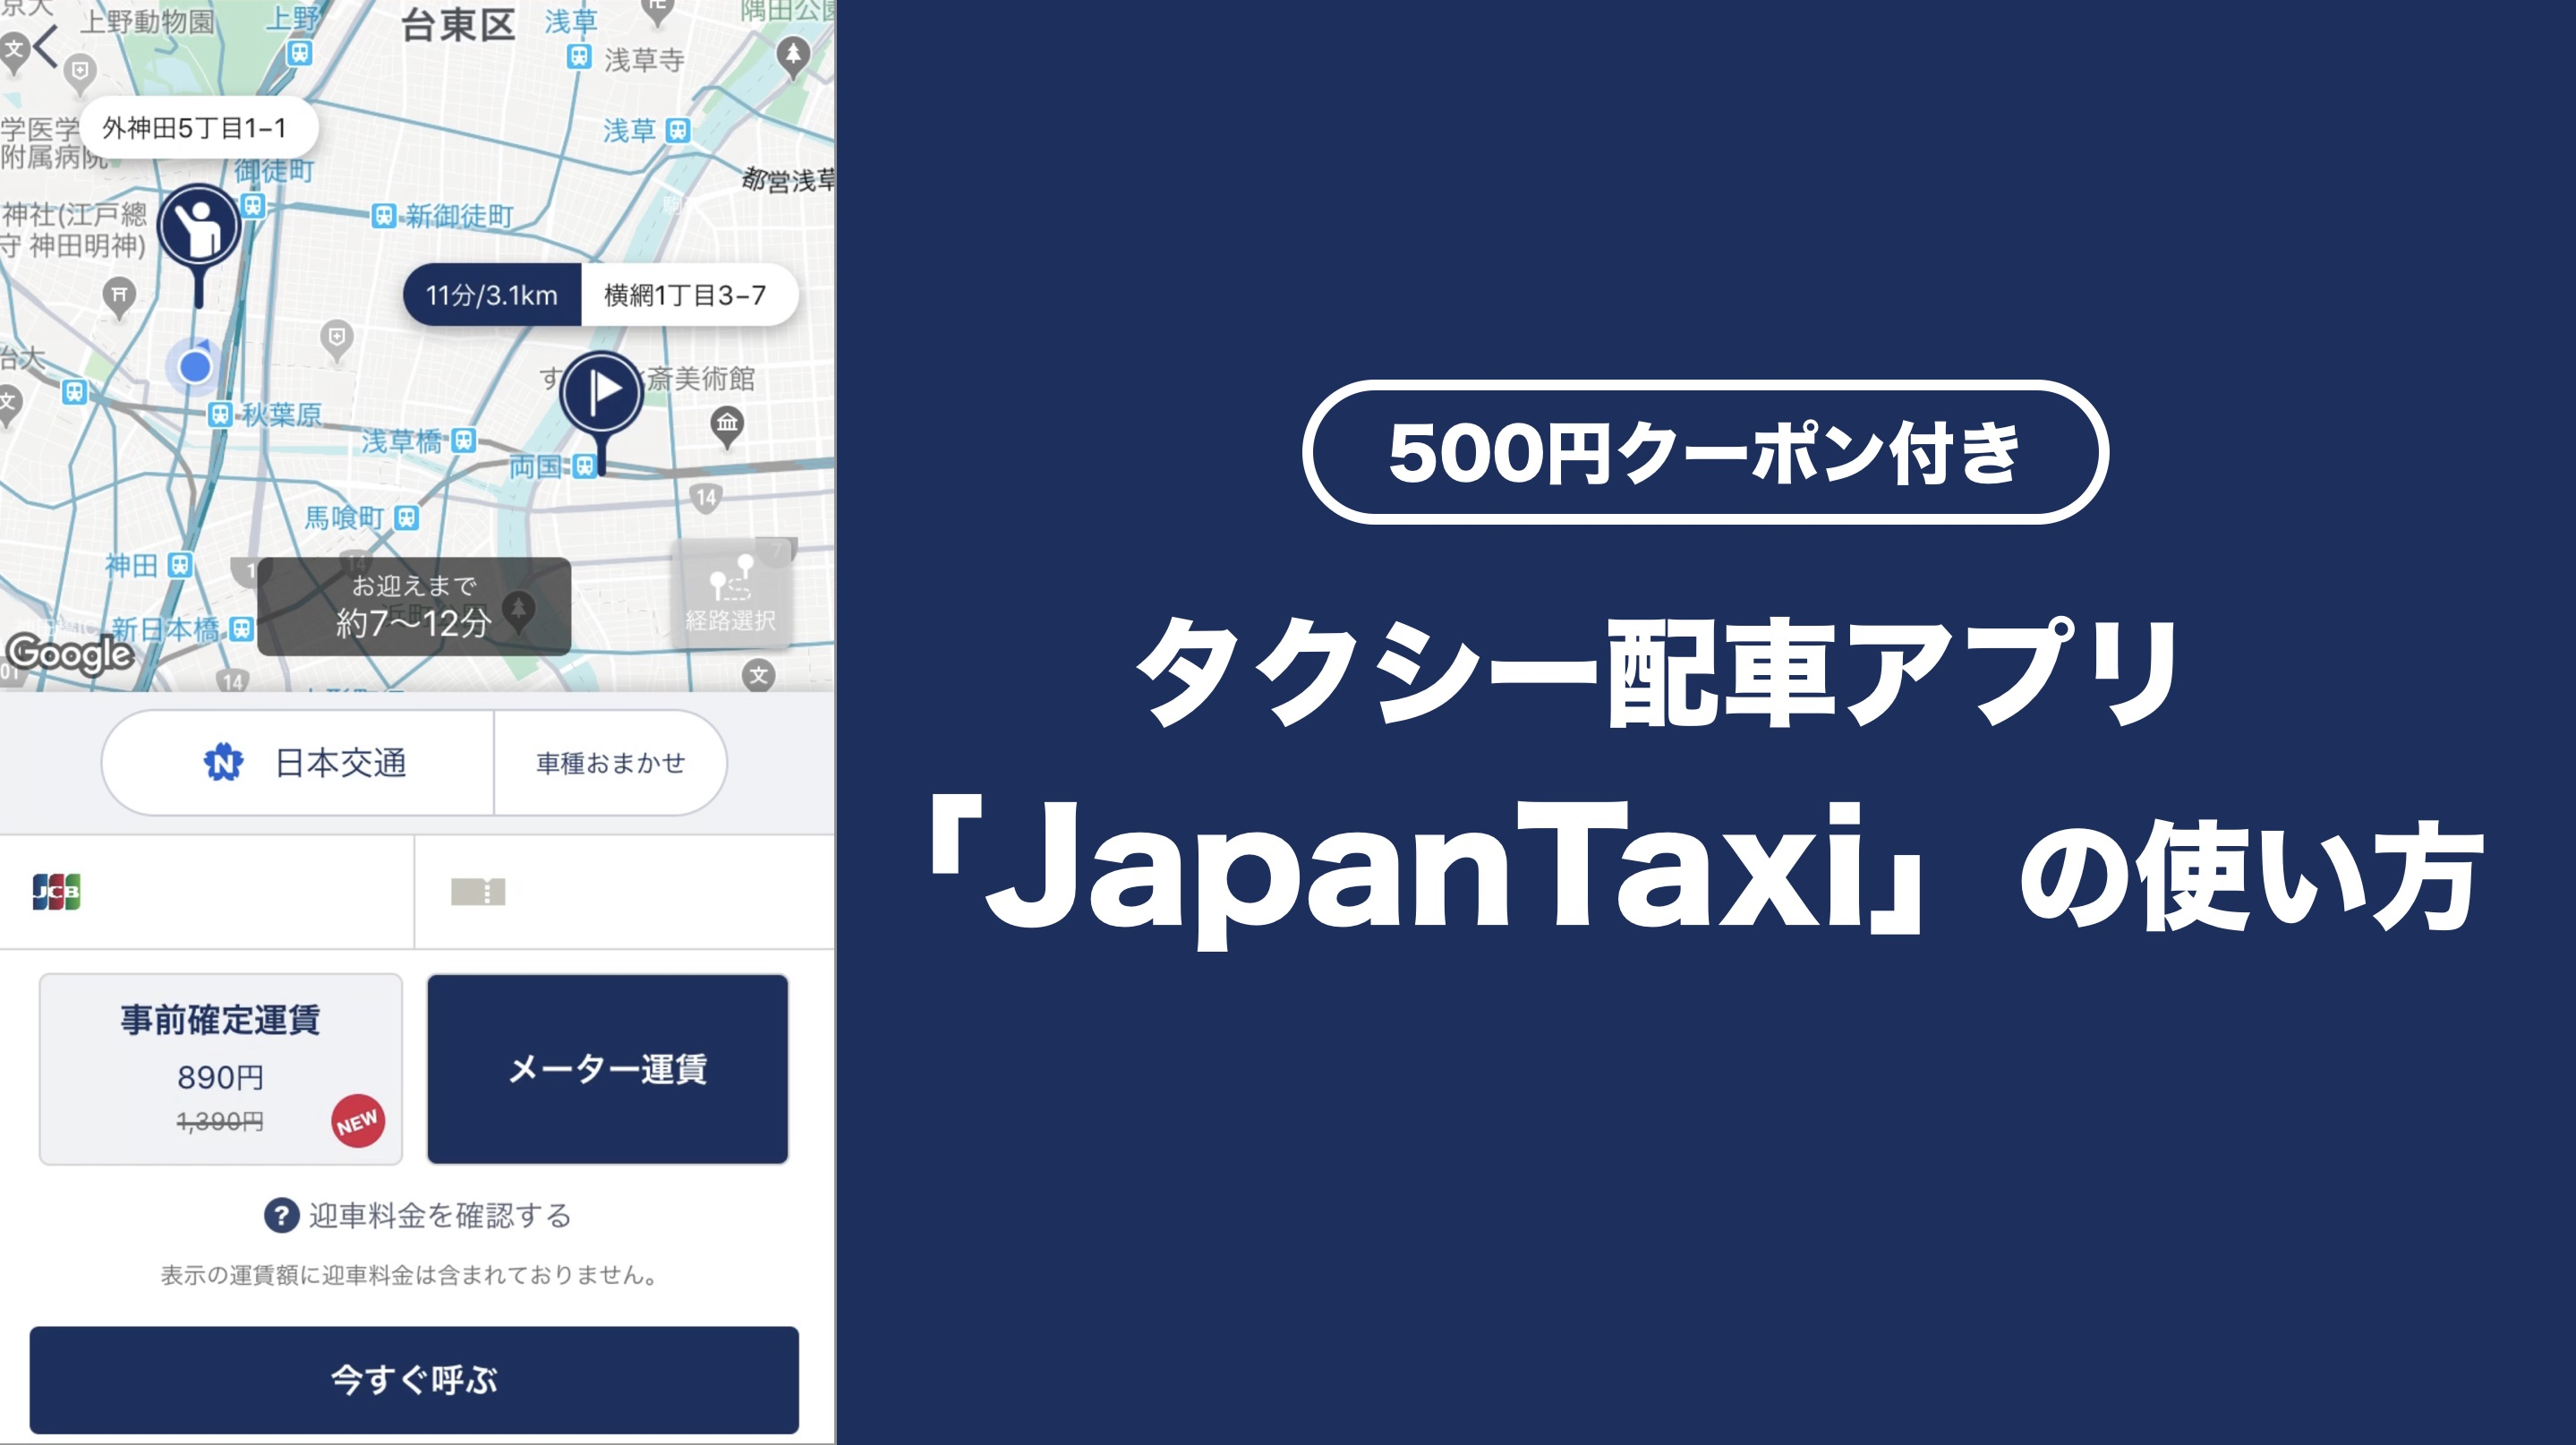 タクシー配車アプリ「JapanTaxi(ジャパンタクシー)」の使い方